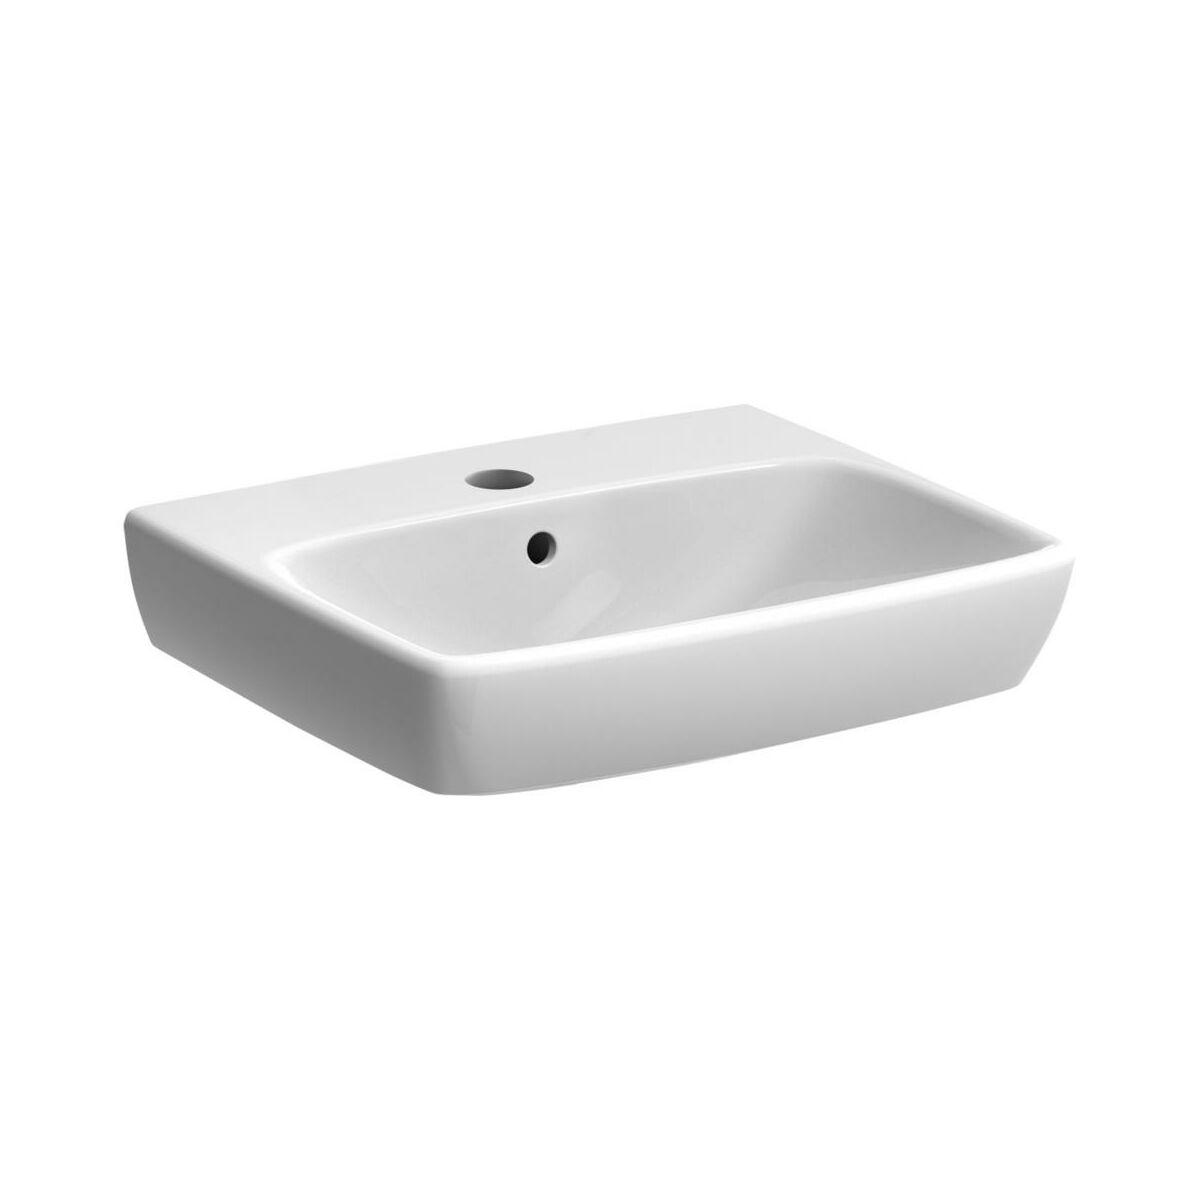 Umywalka 60 Koło Nova Pro Umywalki W Atrakcyjnej Cenie W